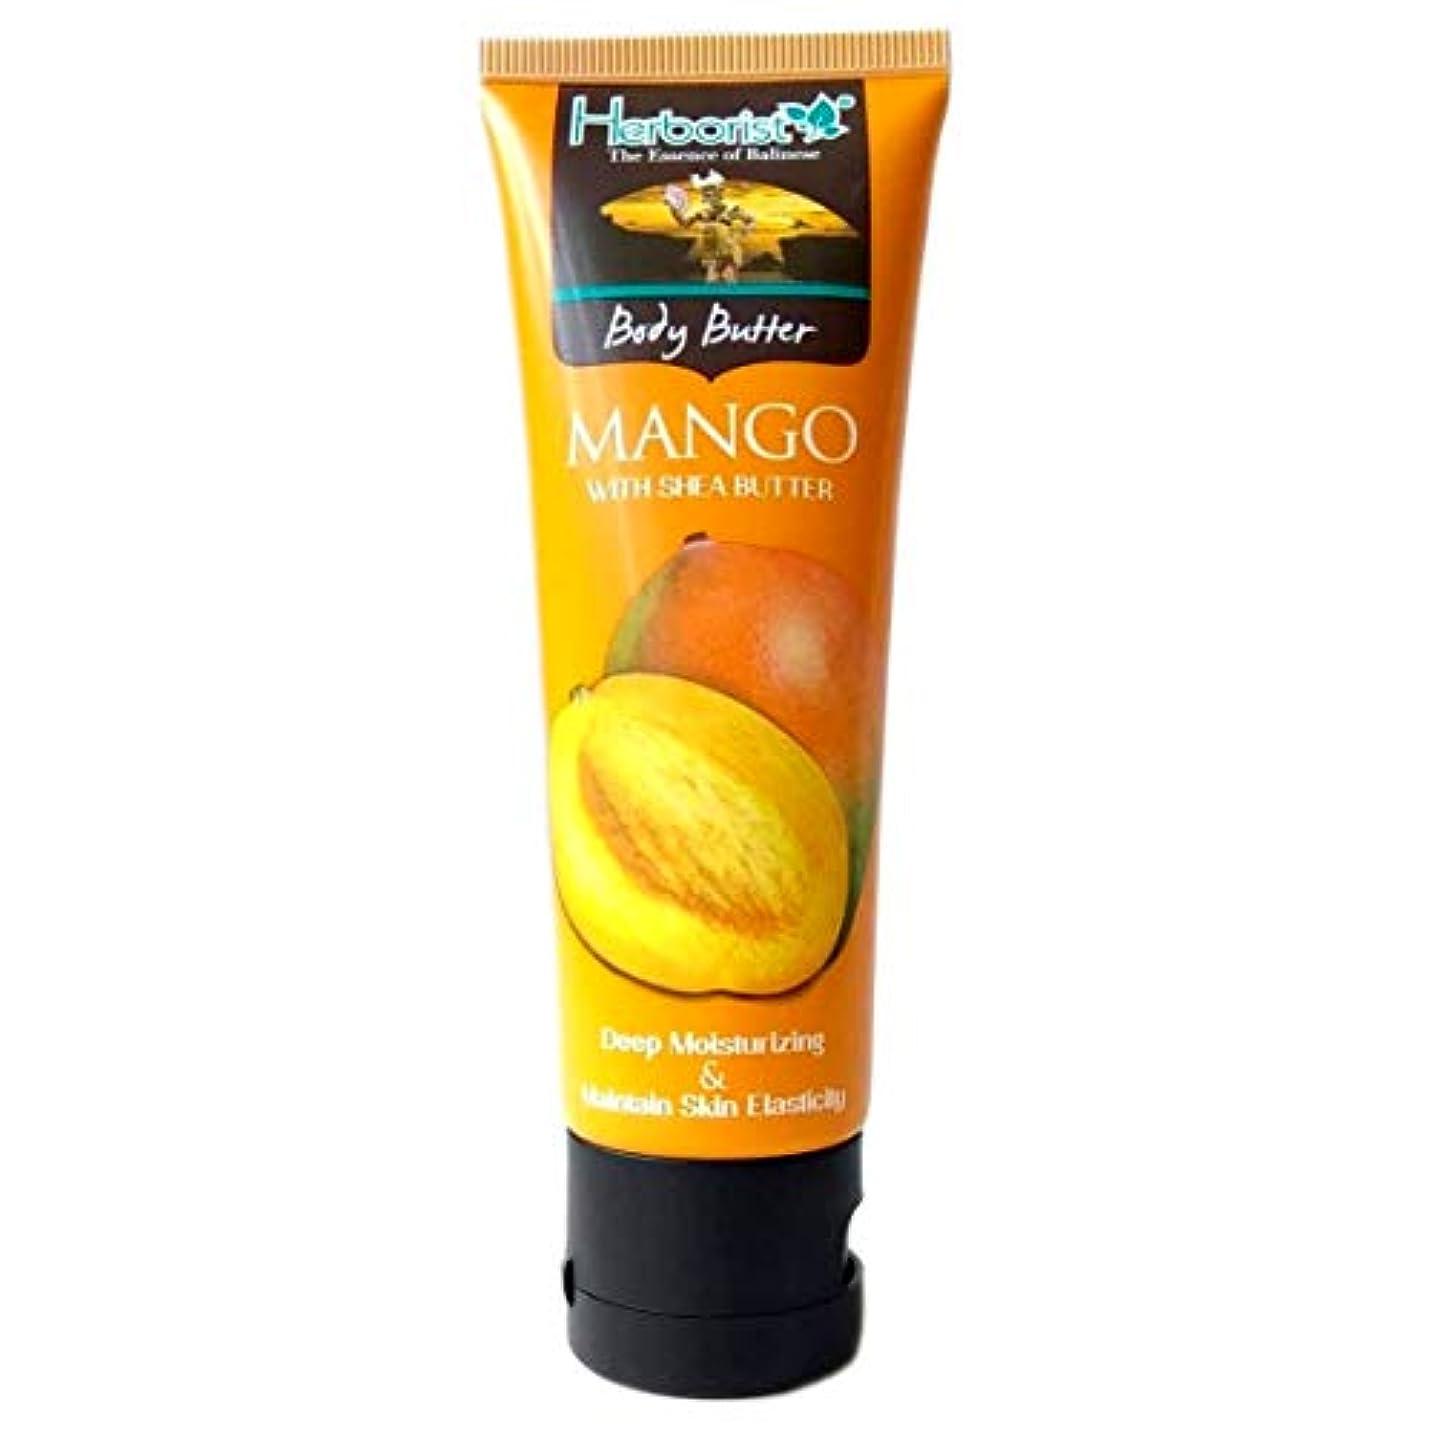 ストライドシャッター段落Herborist ハーボリスト Body Butter ボディバター バリスイーツの香り シアバター配合 80g Mango マンゴー [海外直送品]